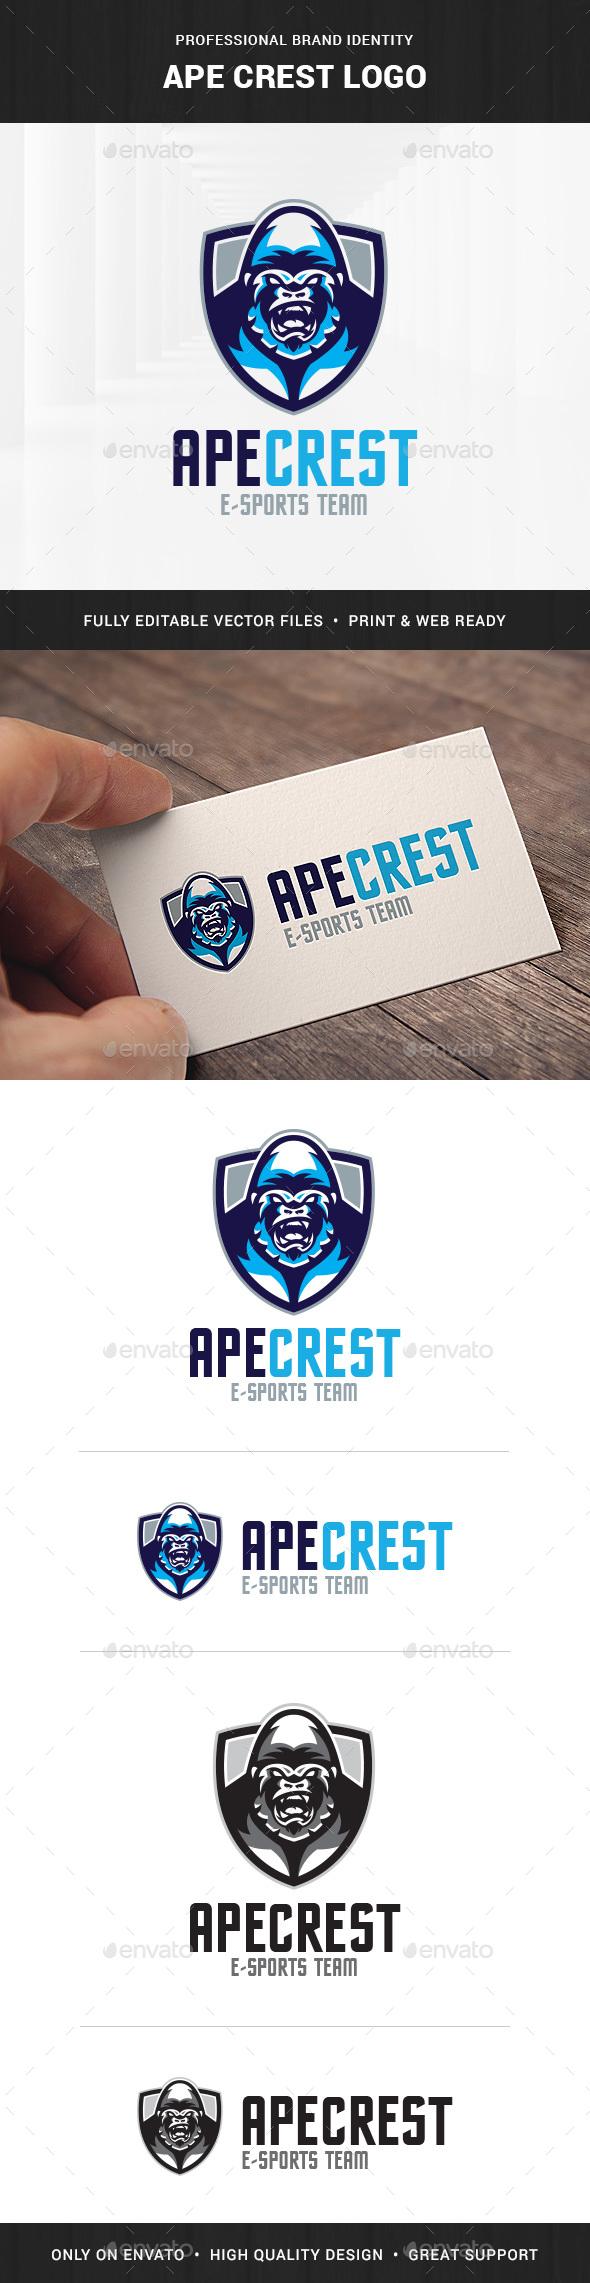 Ape Crest Logo Template